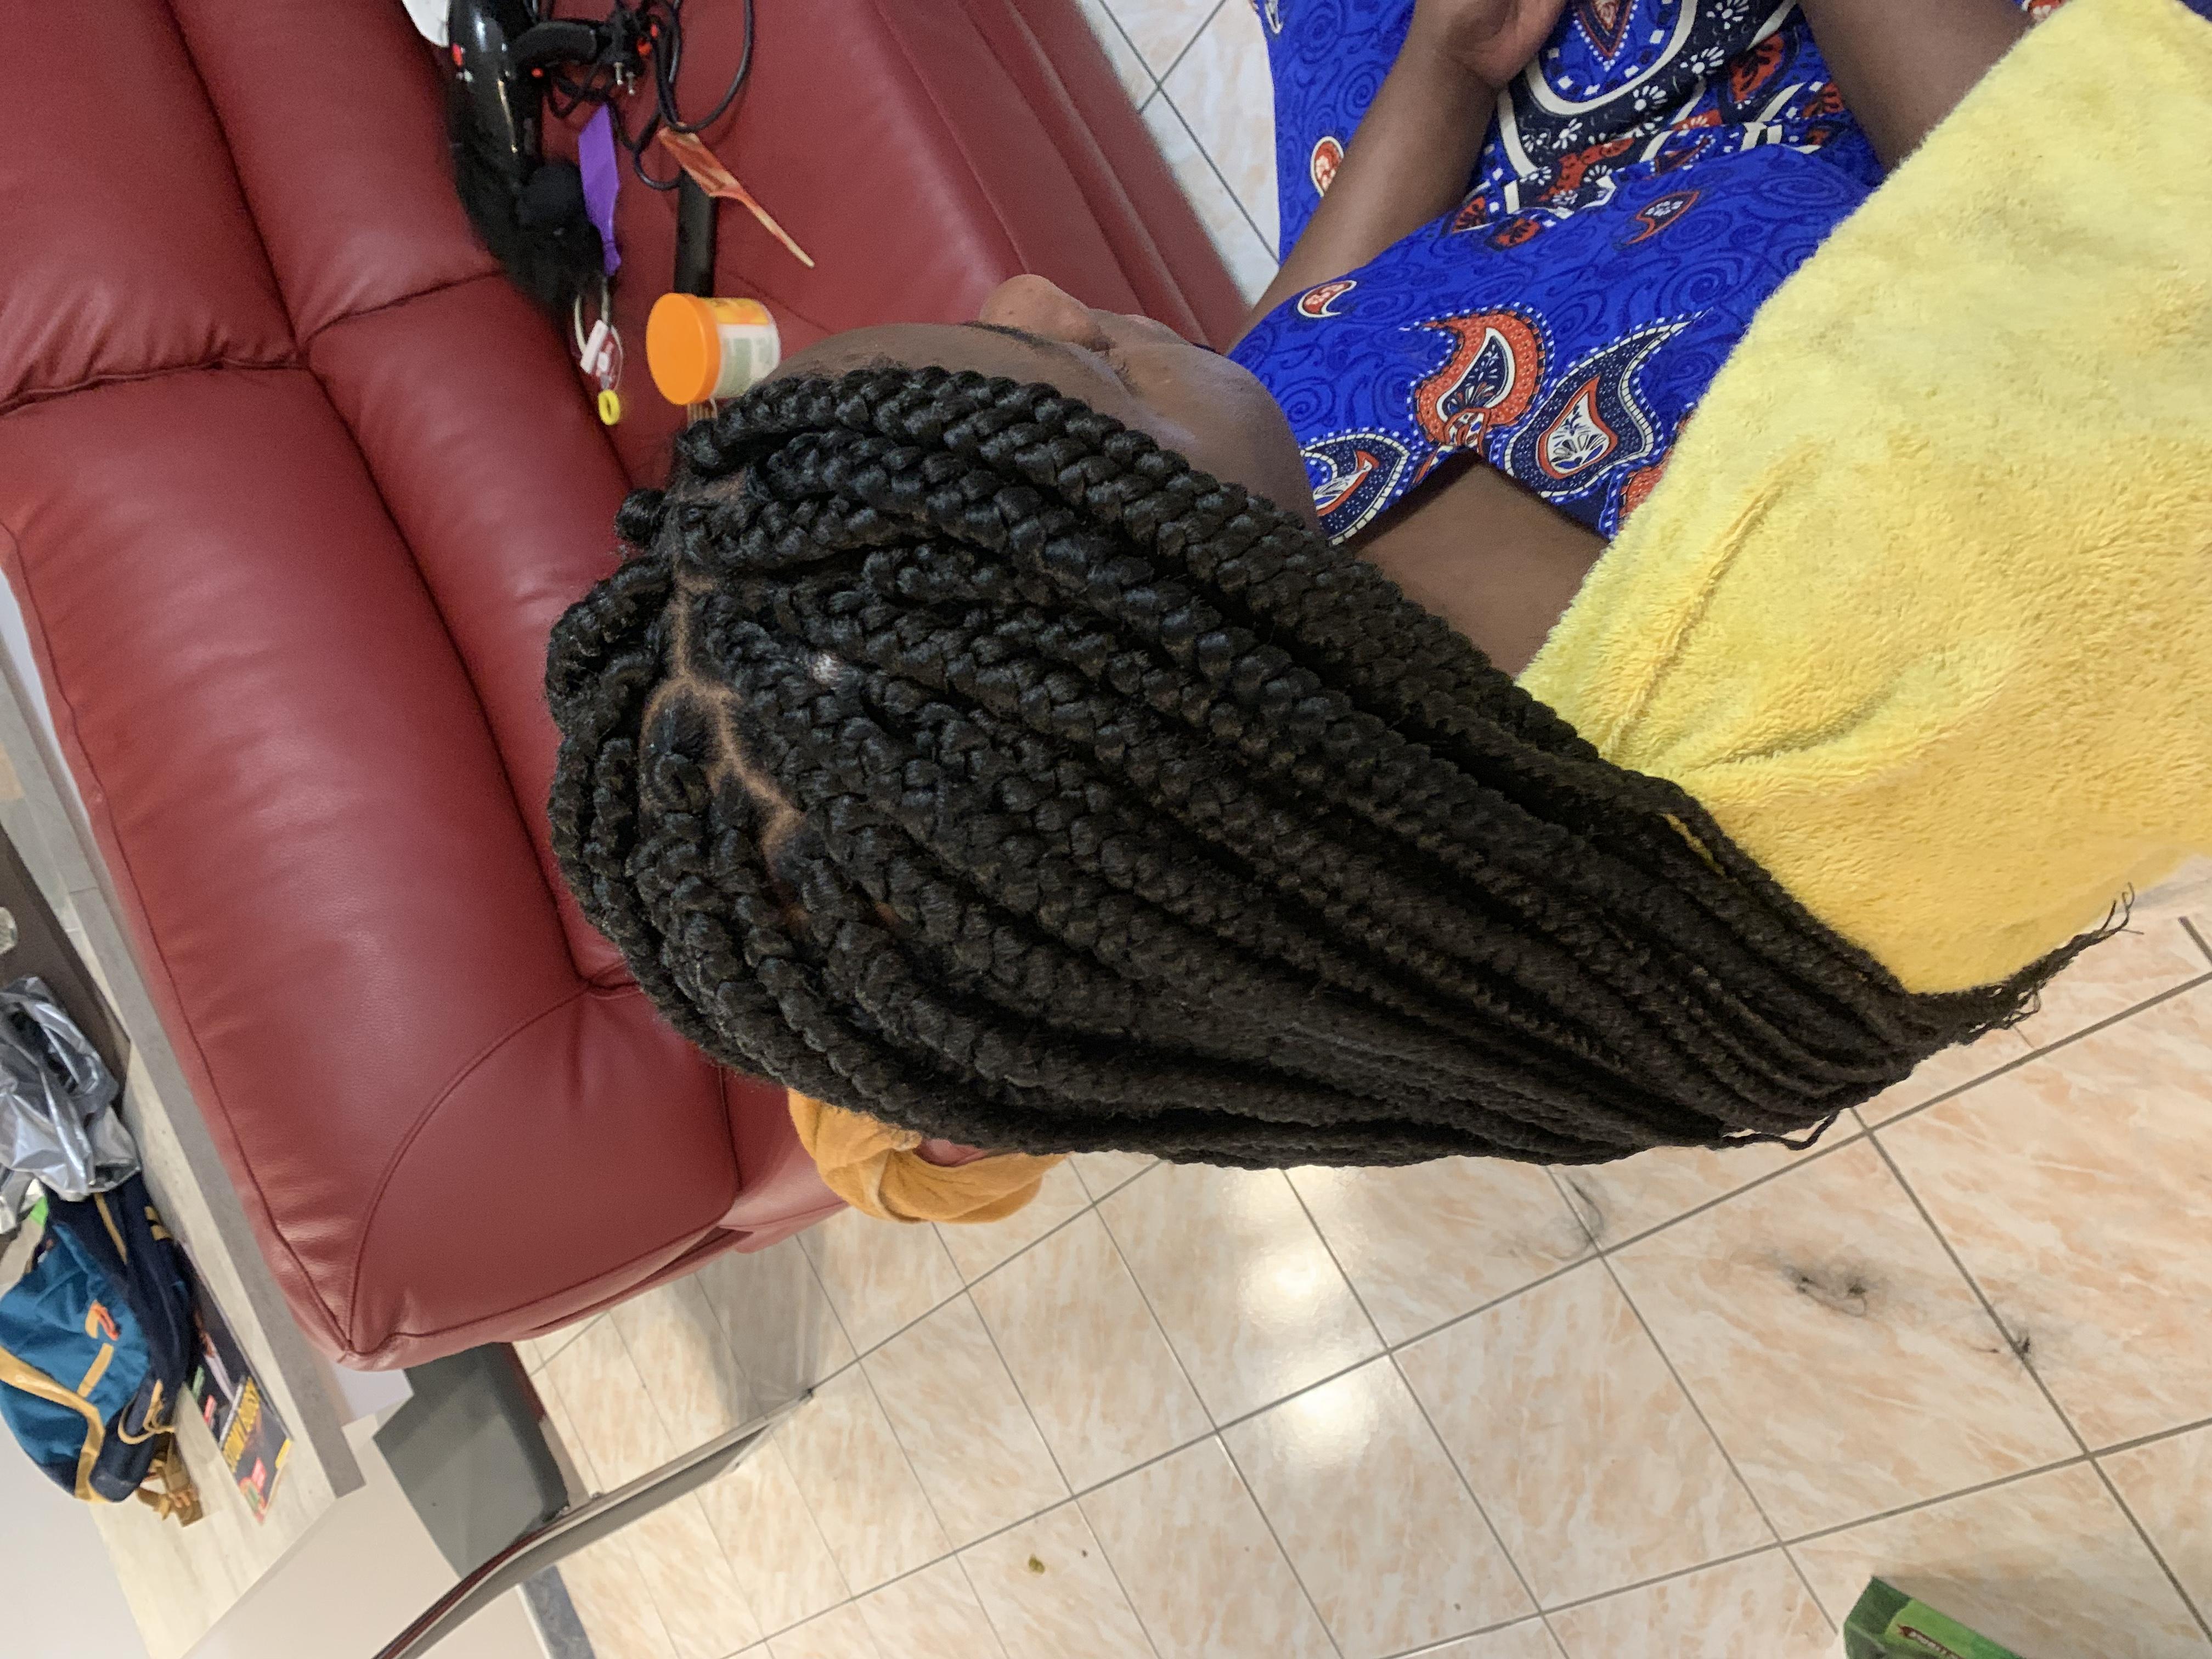 salon de coiffure afro tresse tresses box braids crochet braids vanilles tissages paris 75 77 78 91 92 93 94 95 ZLBUWZVP